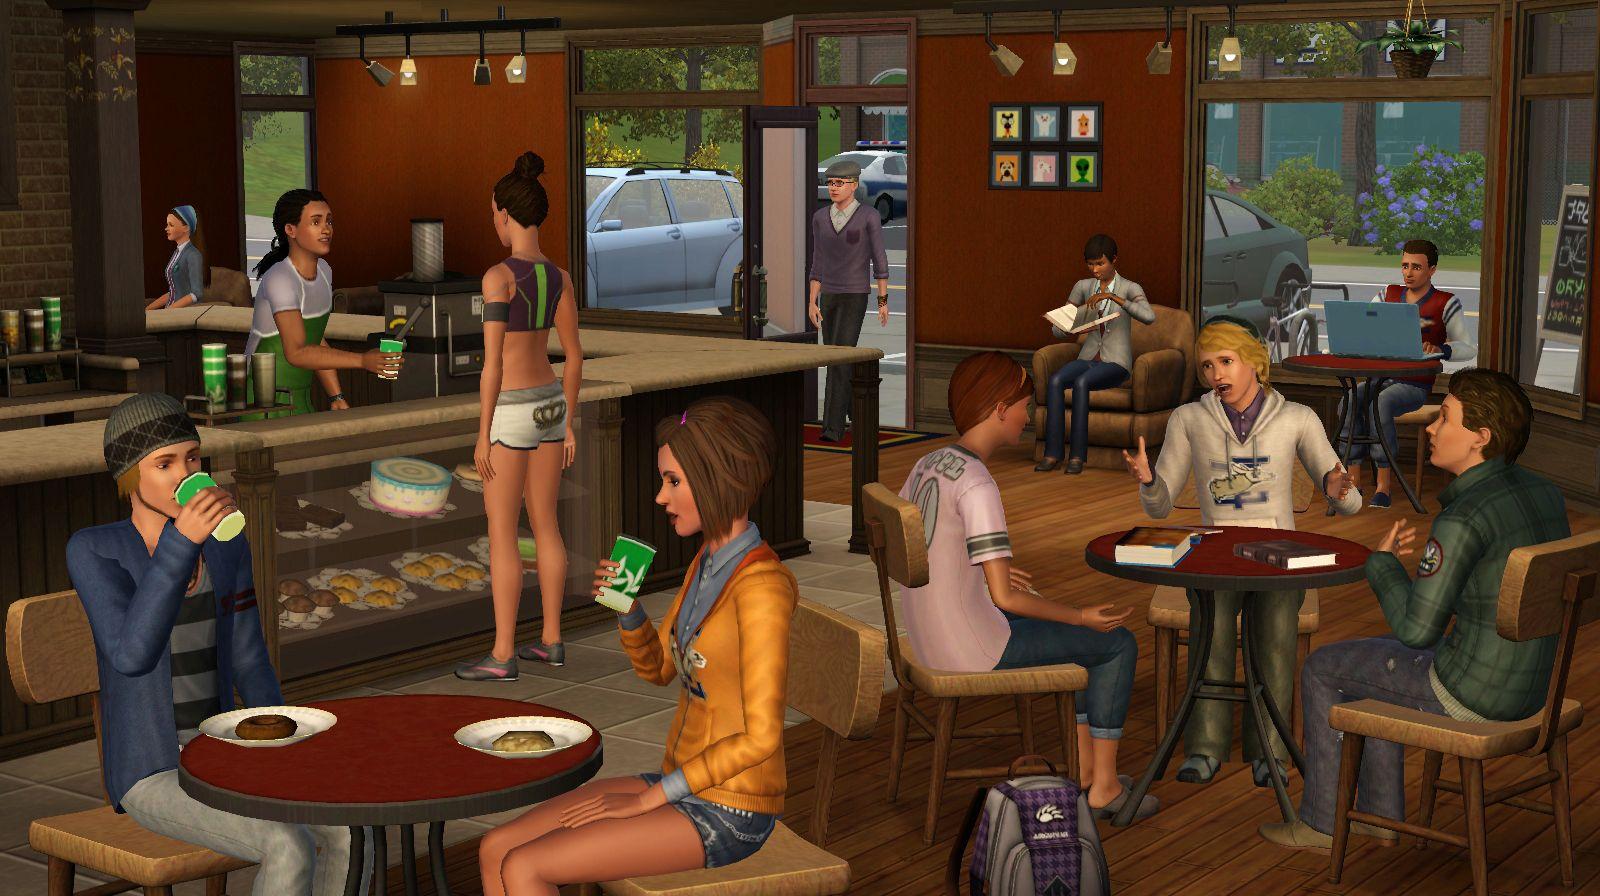 impulsegamer com - EA REVEALS THE SIMS 3 LINE-UP FOR 2013, INCLUDING